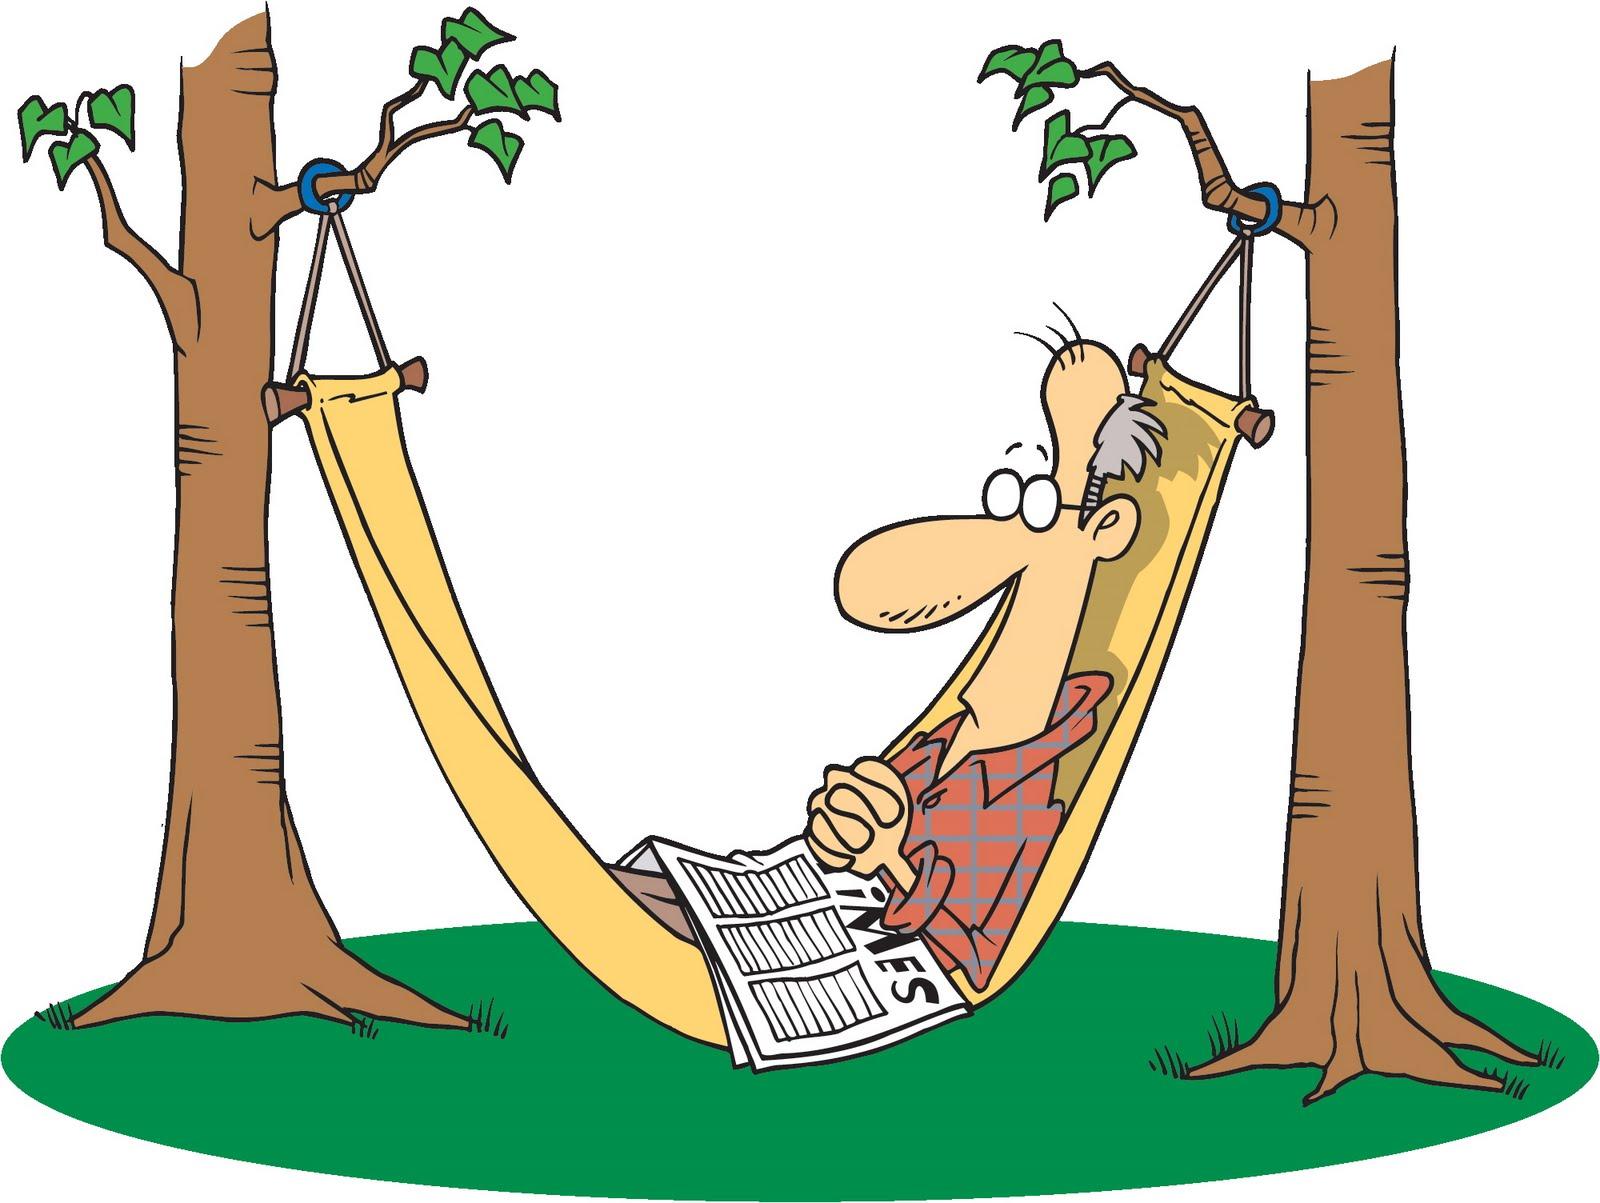 free clipart hammock cartoon - photo #25